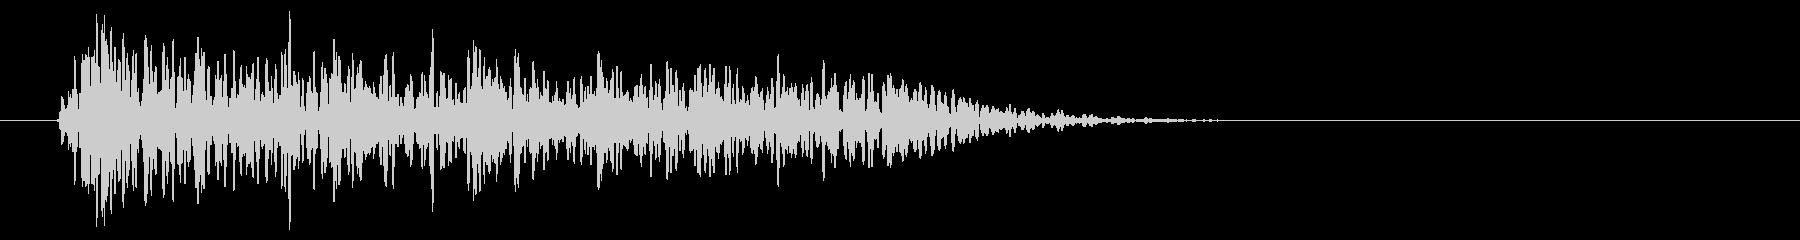 ドーン(魔法の爆発音)の未再生の波形